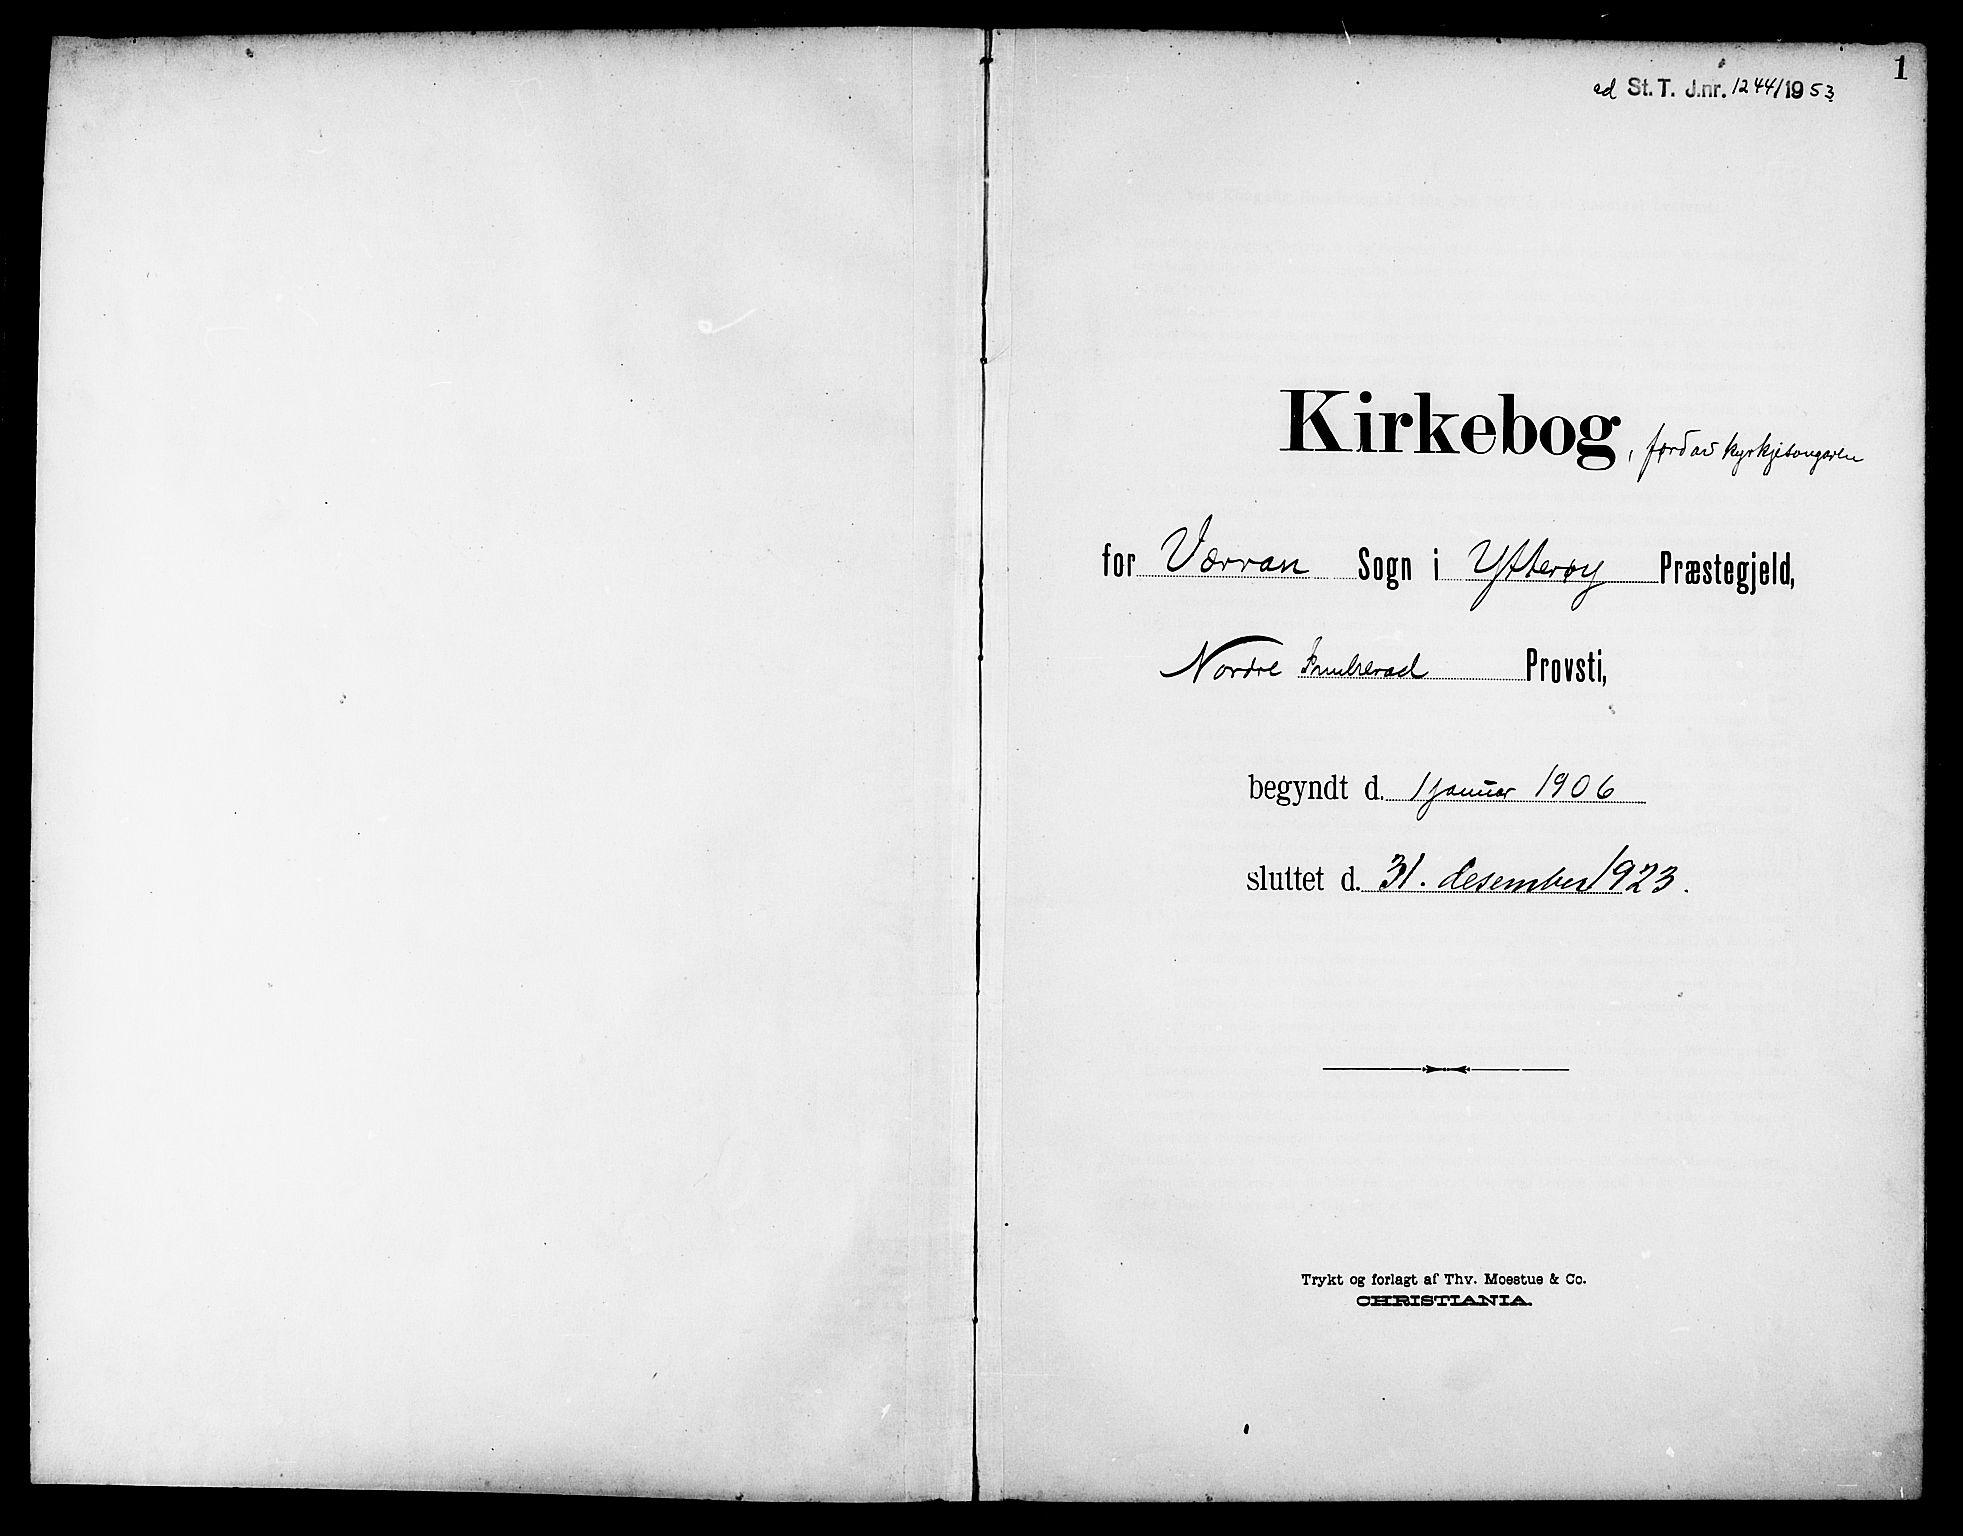 SAT, Ministerialprotokoller, klokkerbøker og fødselsregistre - Nord-Trøndelag, 744/L0424: Klokkerbok nr. 744C03, 1906-1923, s. 1